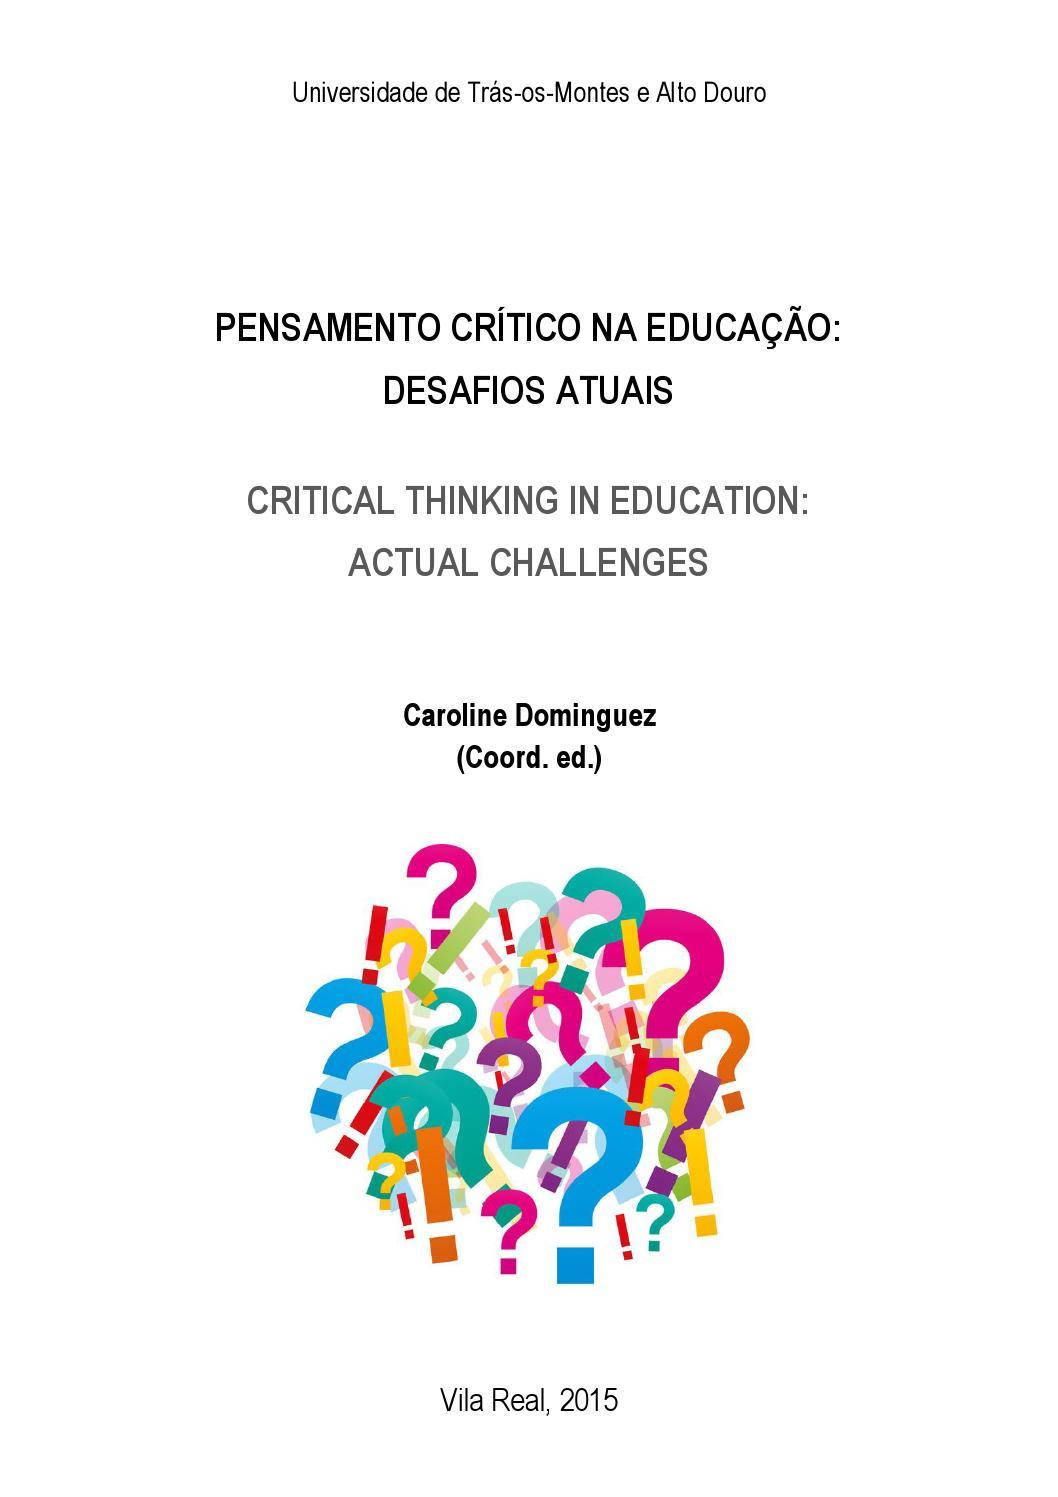 Pensamento crtico na educao desafios atuais 2015 by gonalo pensamento crtico na educao desafios atuais 2015 by gonalo cruz matos issuu fandeluxe Image collections